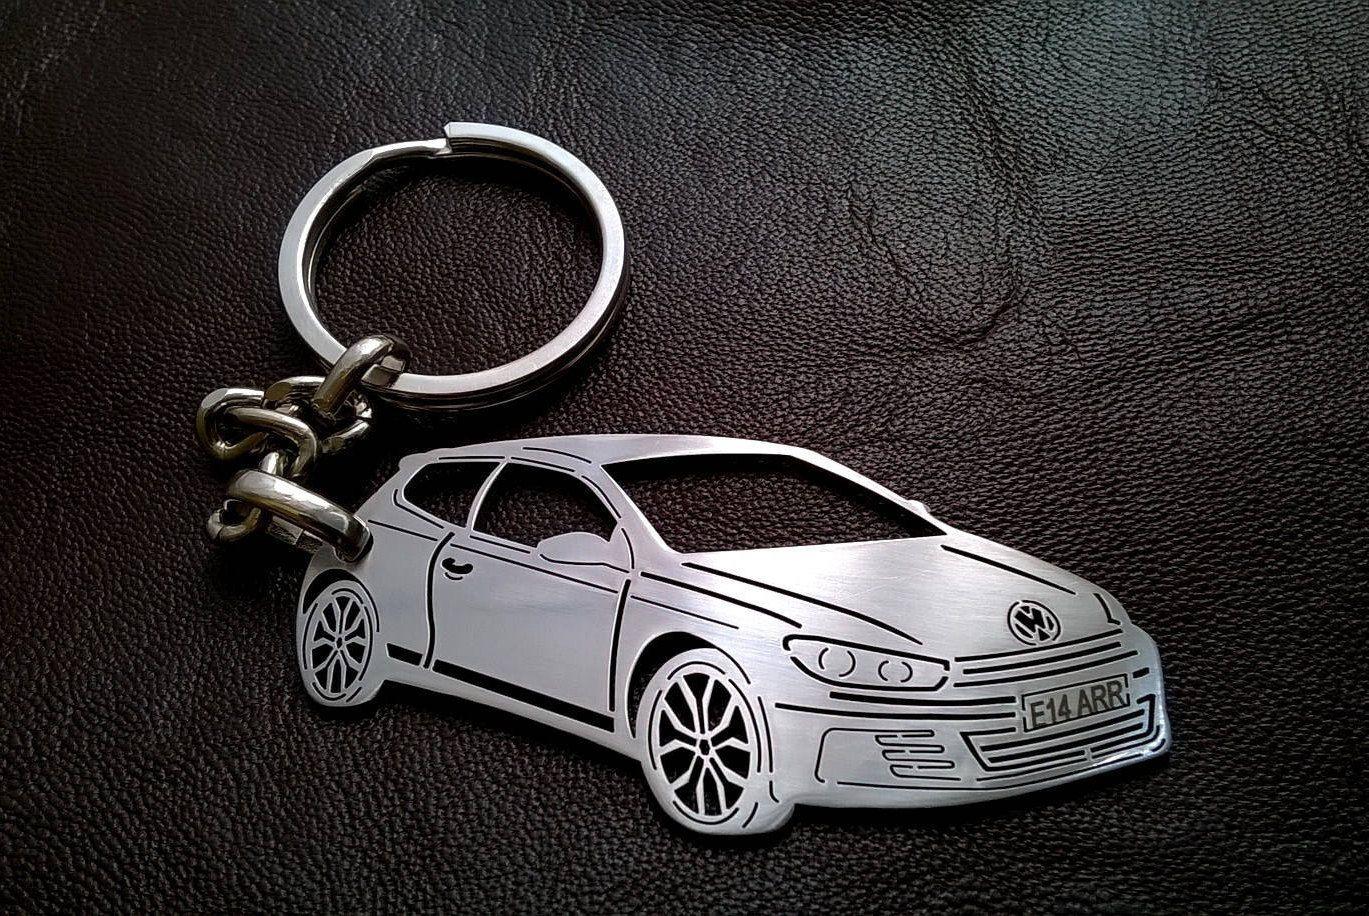 Volkswagen scirocco keychain volkswagen vw keychain vw scirocco personalized key chain